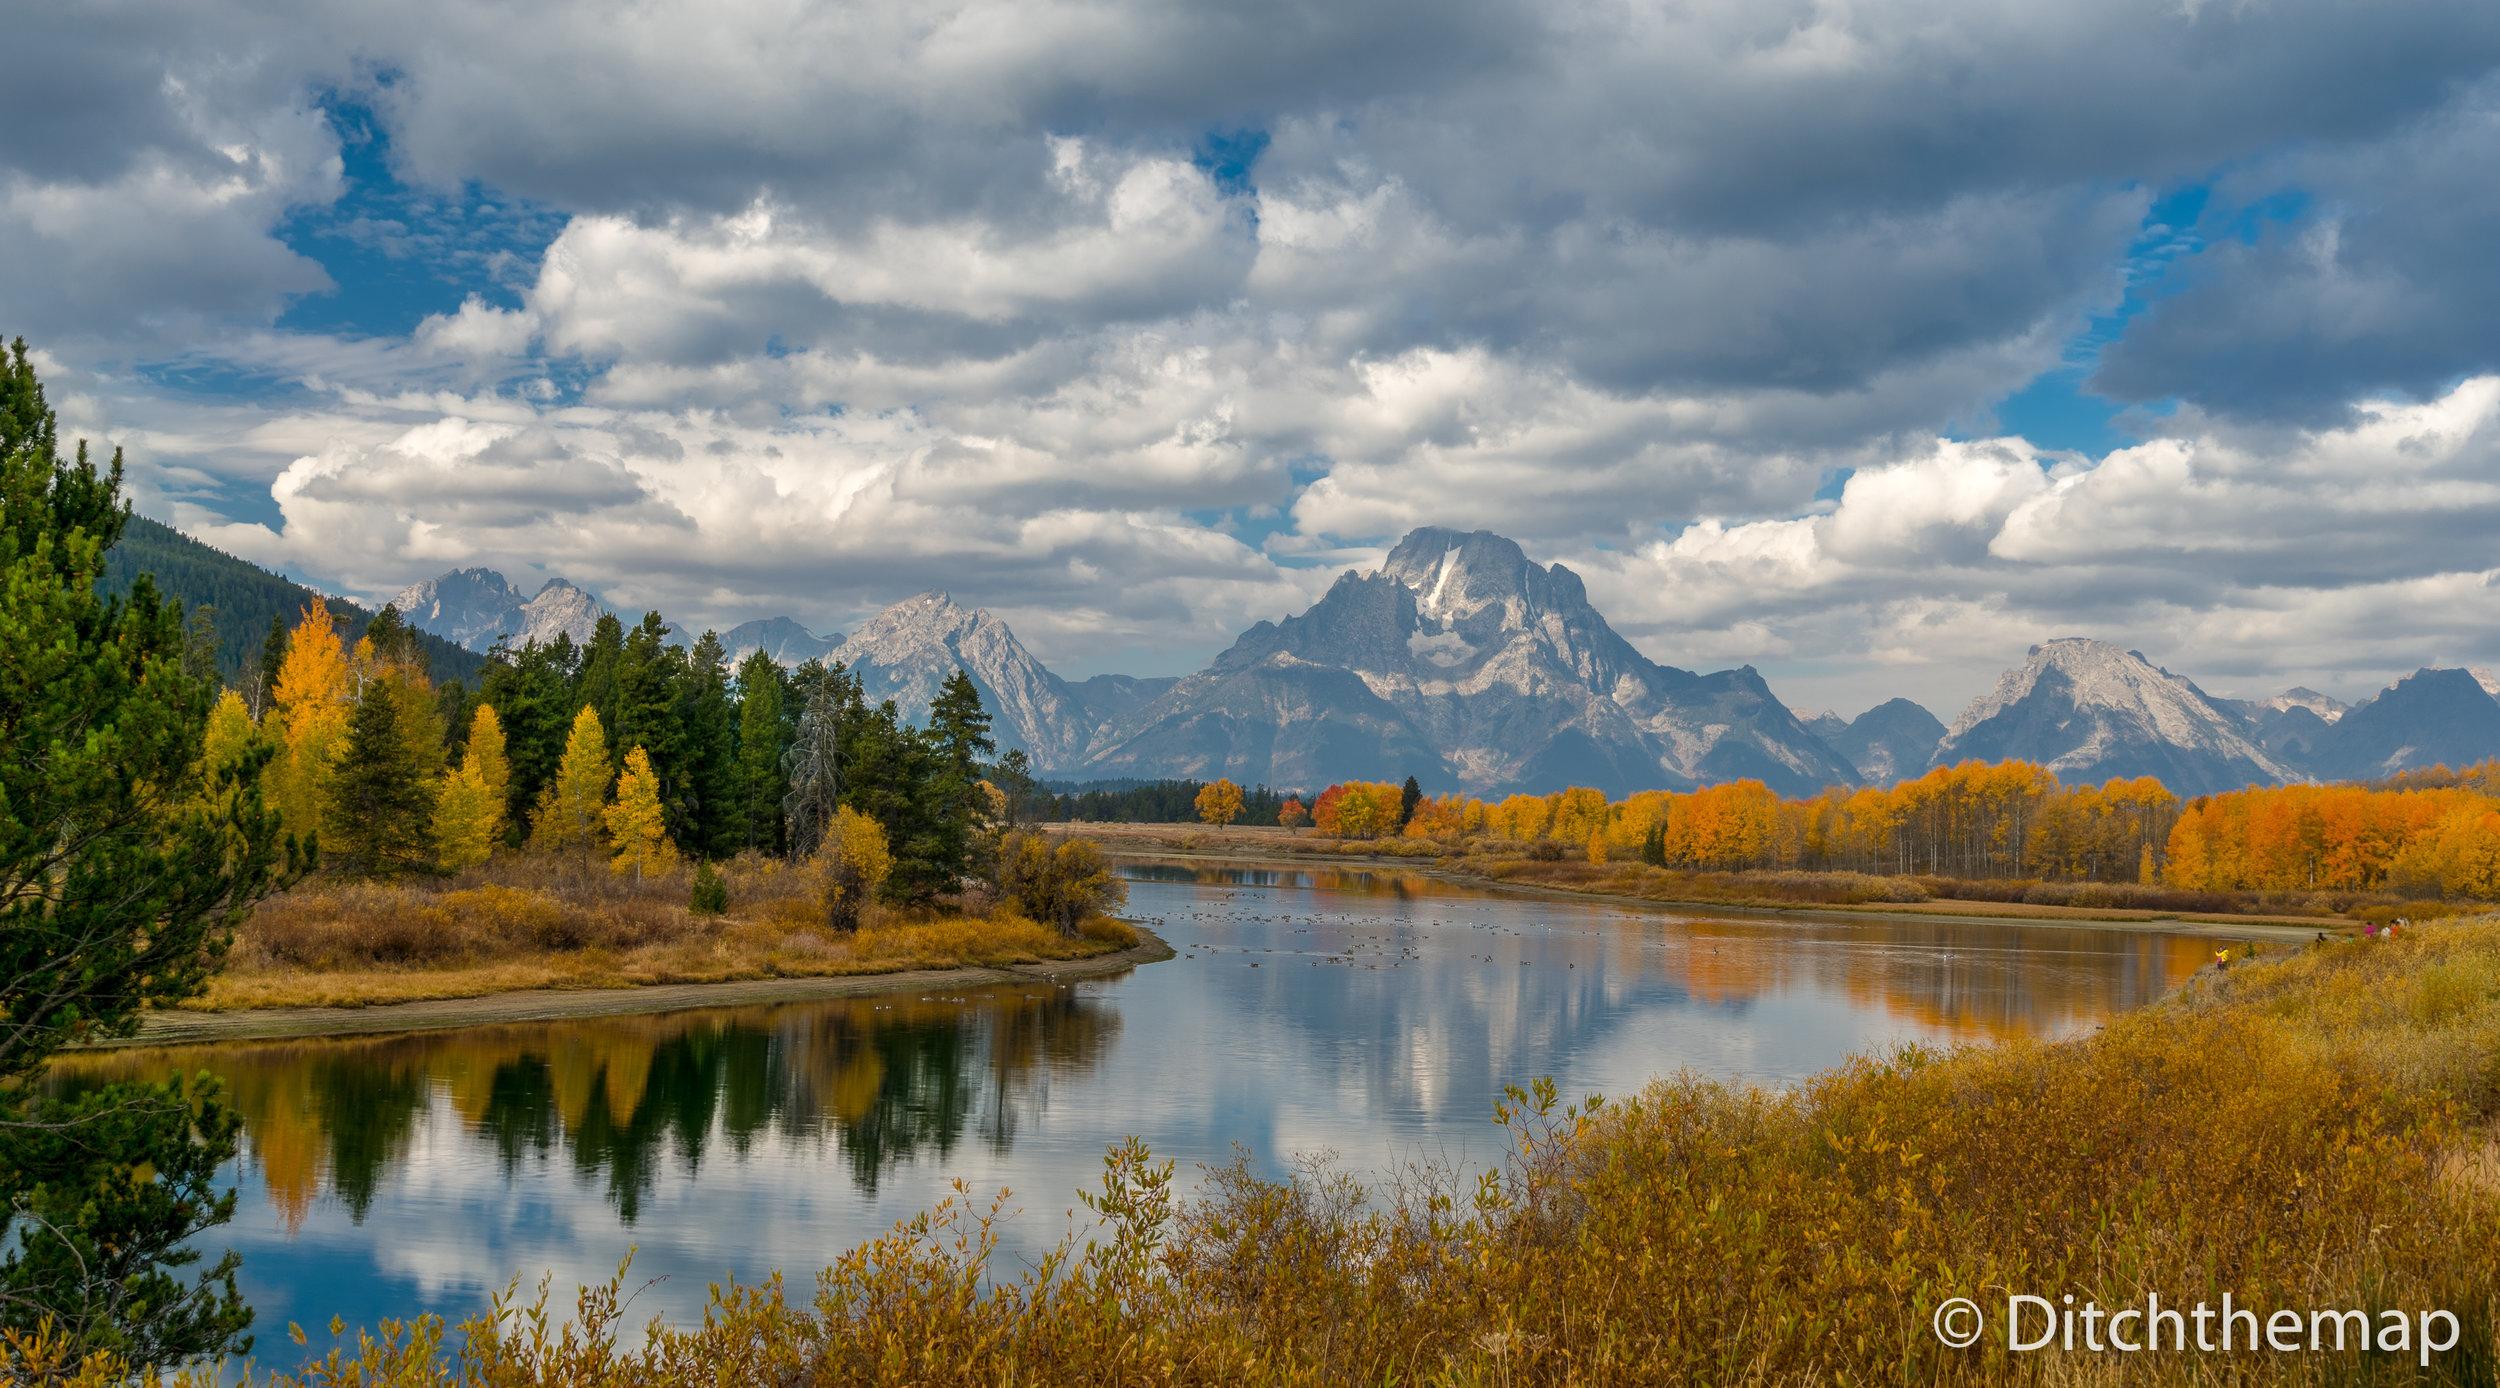 Fall Foliage at The Grand Tetons National Park, Wyoming